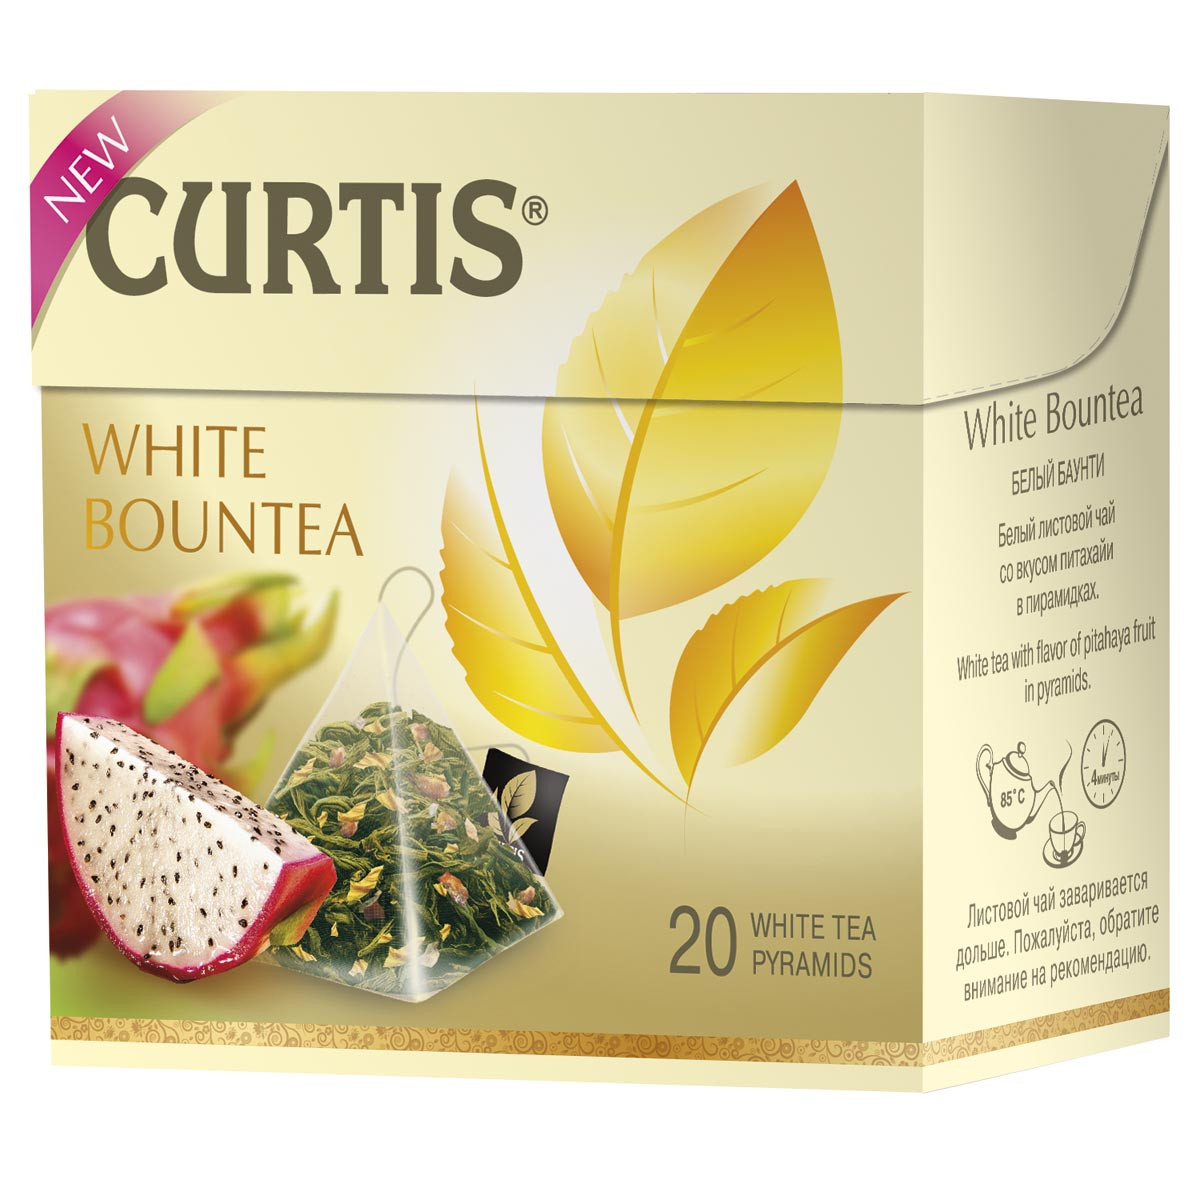 Curtis White Bountea белый чай в пирамидках, 20 шт4620015851044Обновленный купаж листового белого чая с волнующим тропическим ароматом и сладкими нотками питахайи - незабываемое путешествие на далекие экзотические острова. Чай обладает великолепным вкусом, тонким и немного сладковатым, а также приятным ароматом. Всё о чае: сорта, факты, советы по выбору и употреблению. Статья OZON Гид